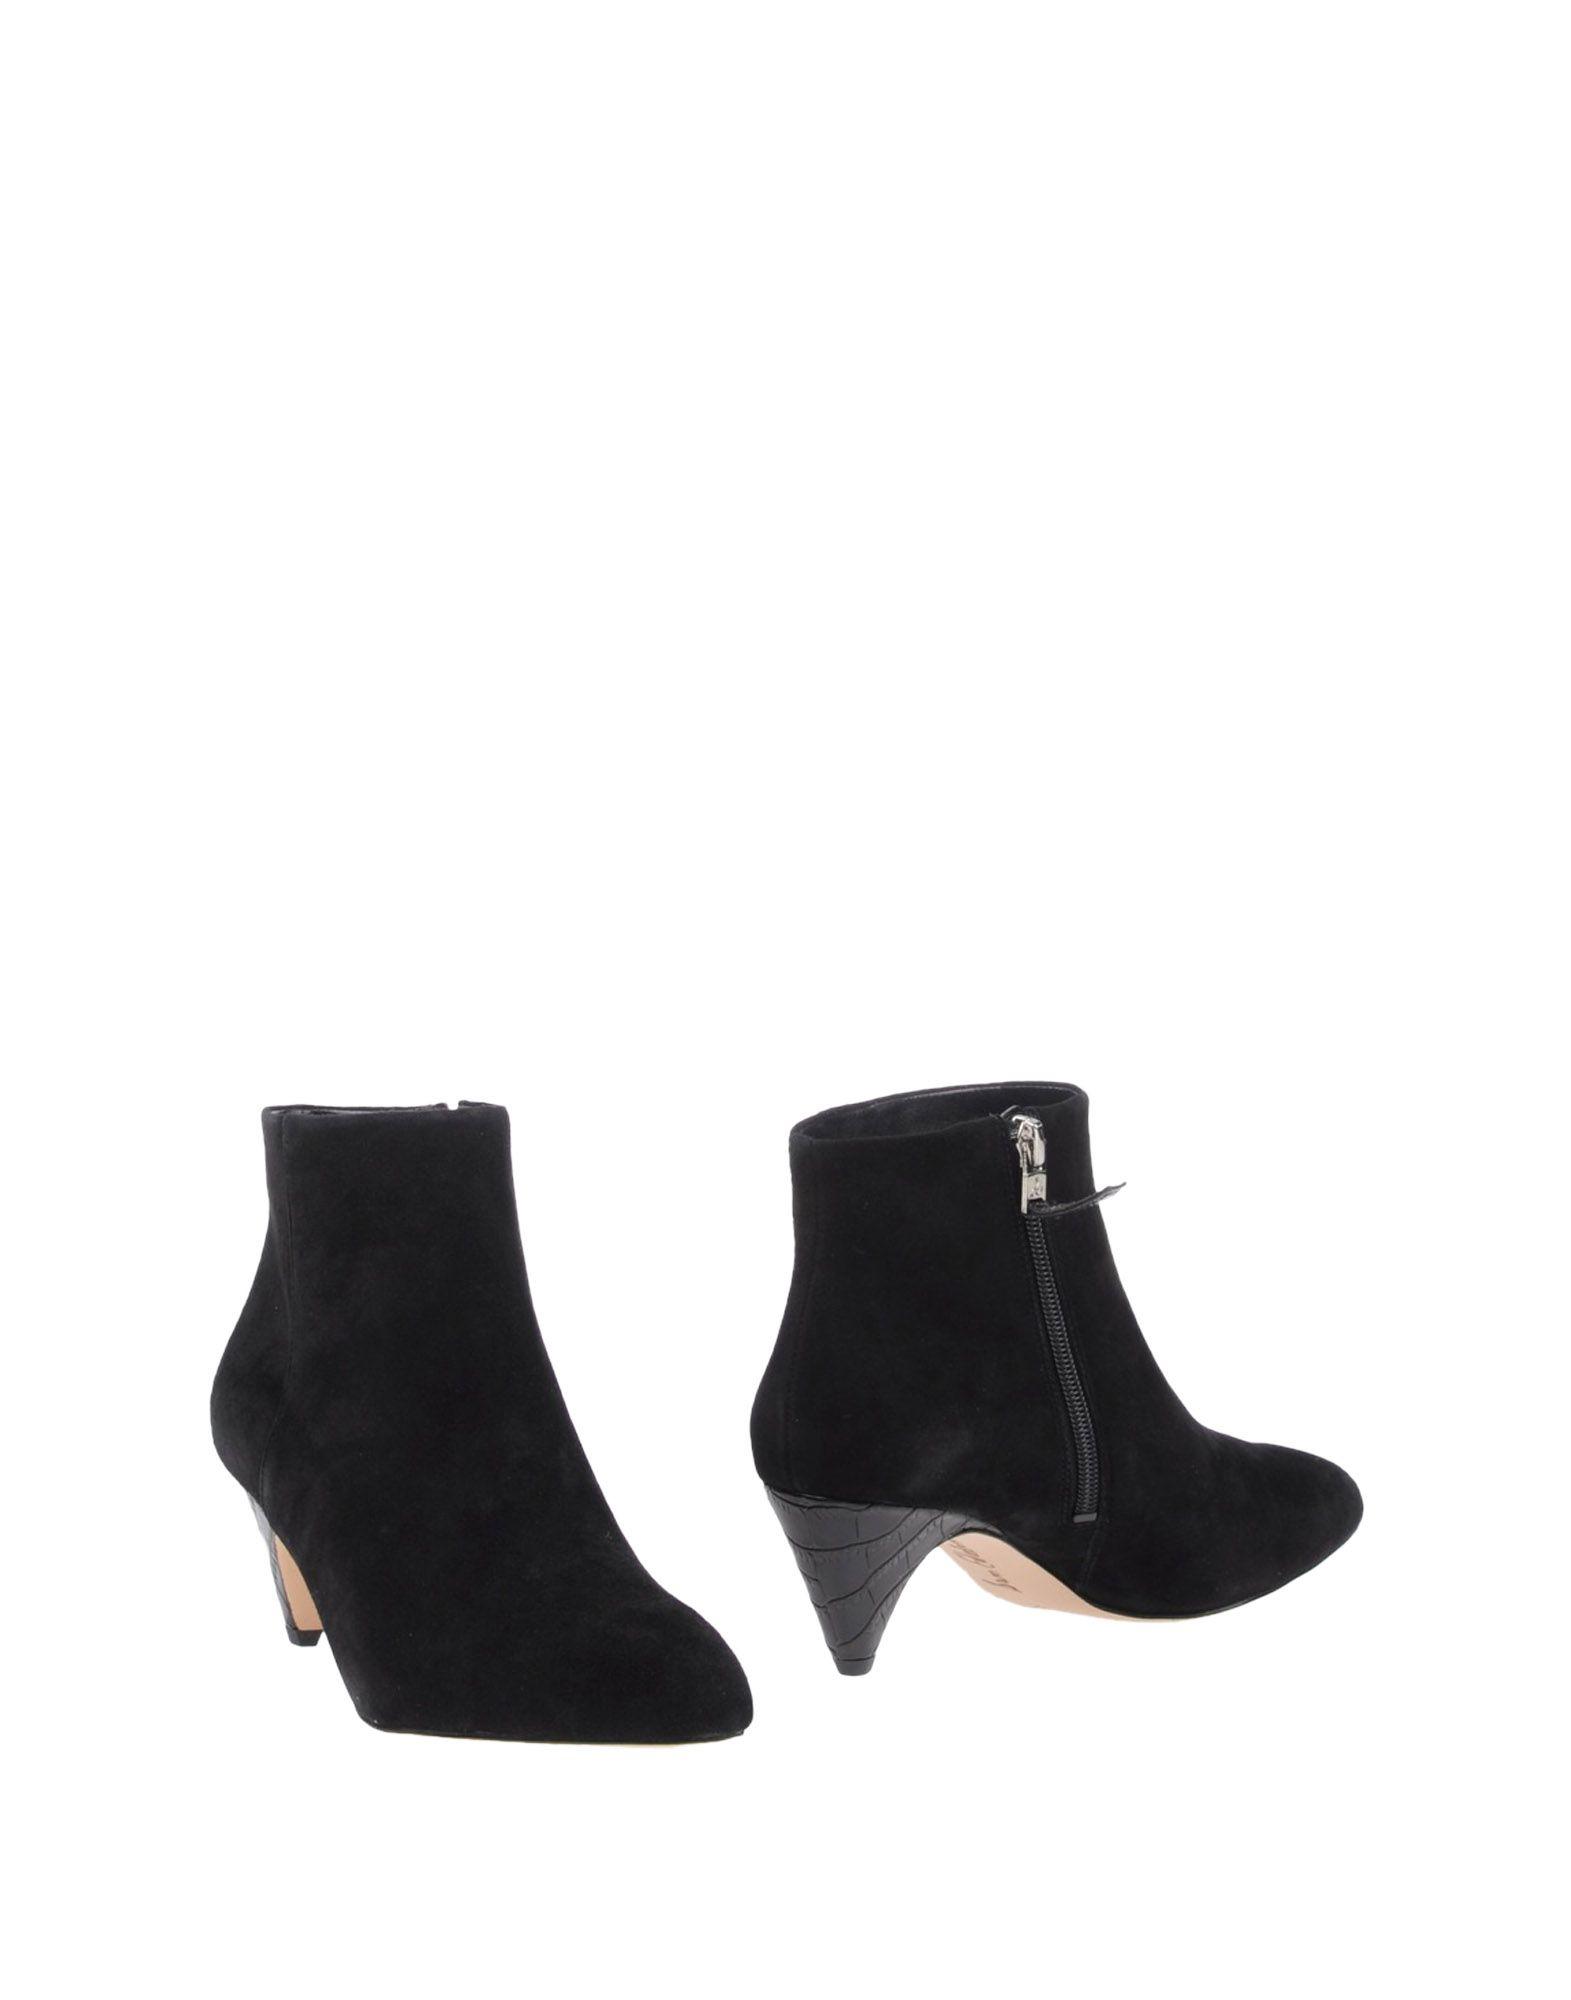 Gut um Stiefelette billige Schuhe zu tragenSam Edelman Stiefelette um Damen  11240495FM 394115